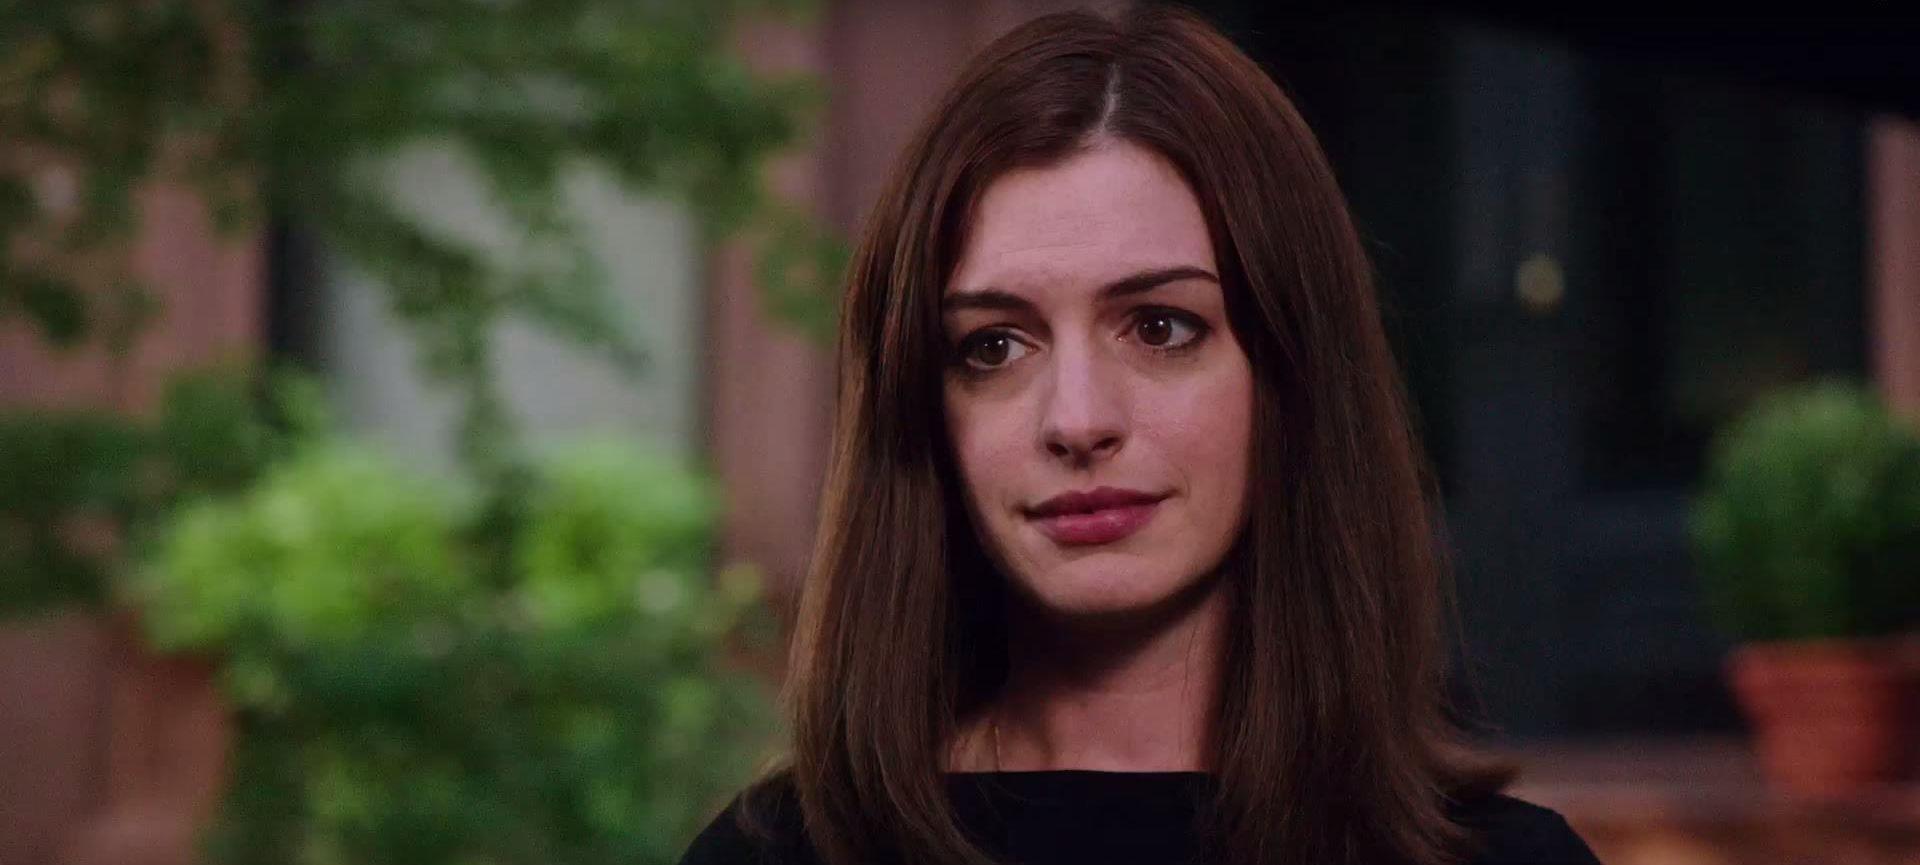 DOBNA DISKRIMINACIJA U HOLLYWOODU Anne Hathaway: Ne mogu se žaliti, i ja sam od toga nekad imala koristi